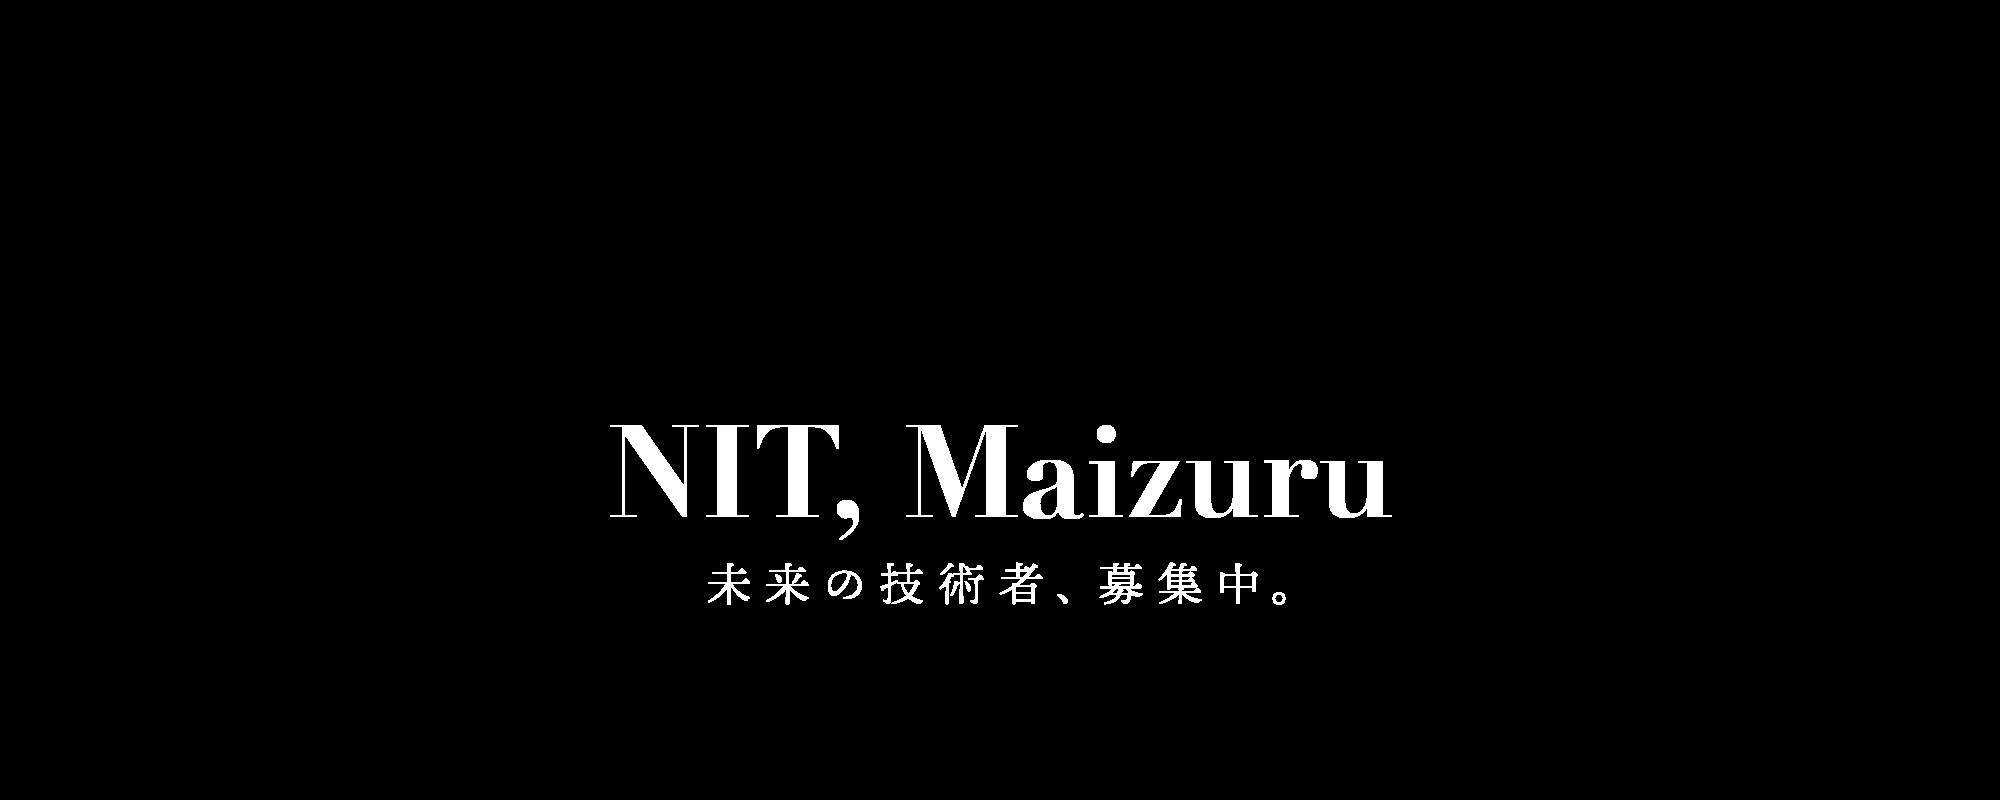 舞鶴 市 コロナ